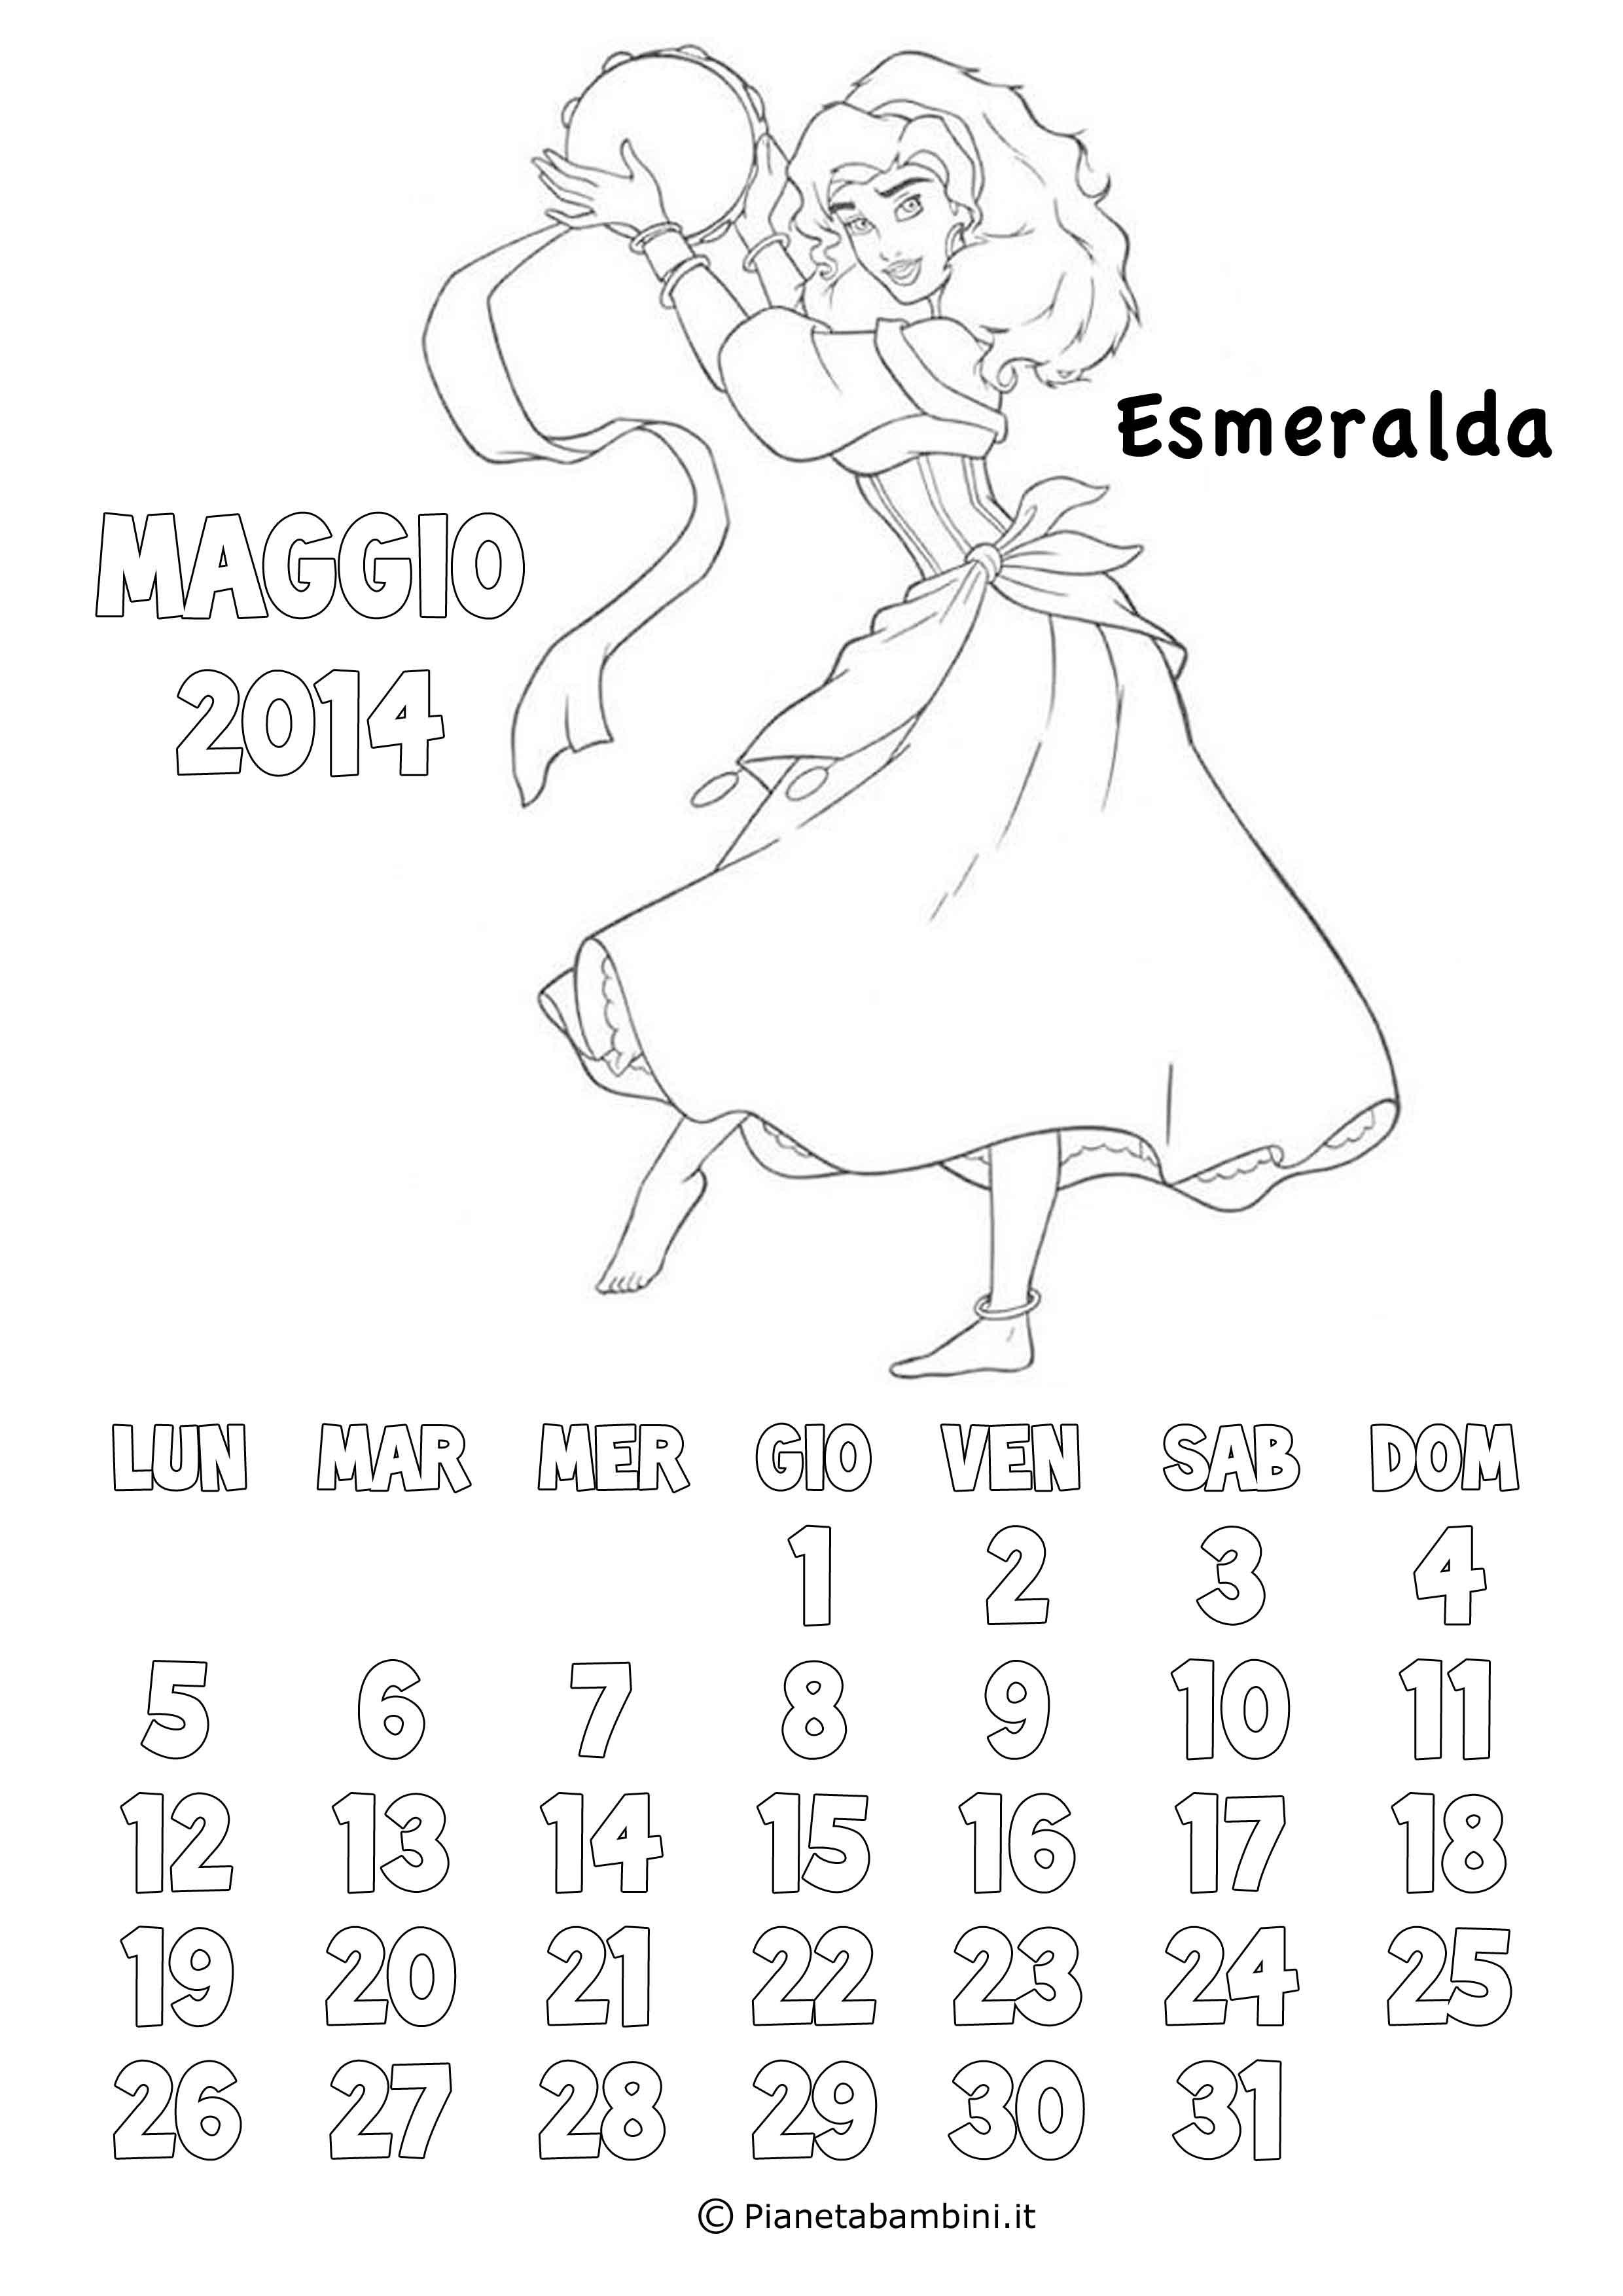 Maggio-2014-Esmeralda